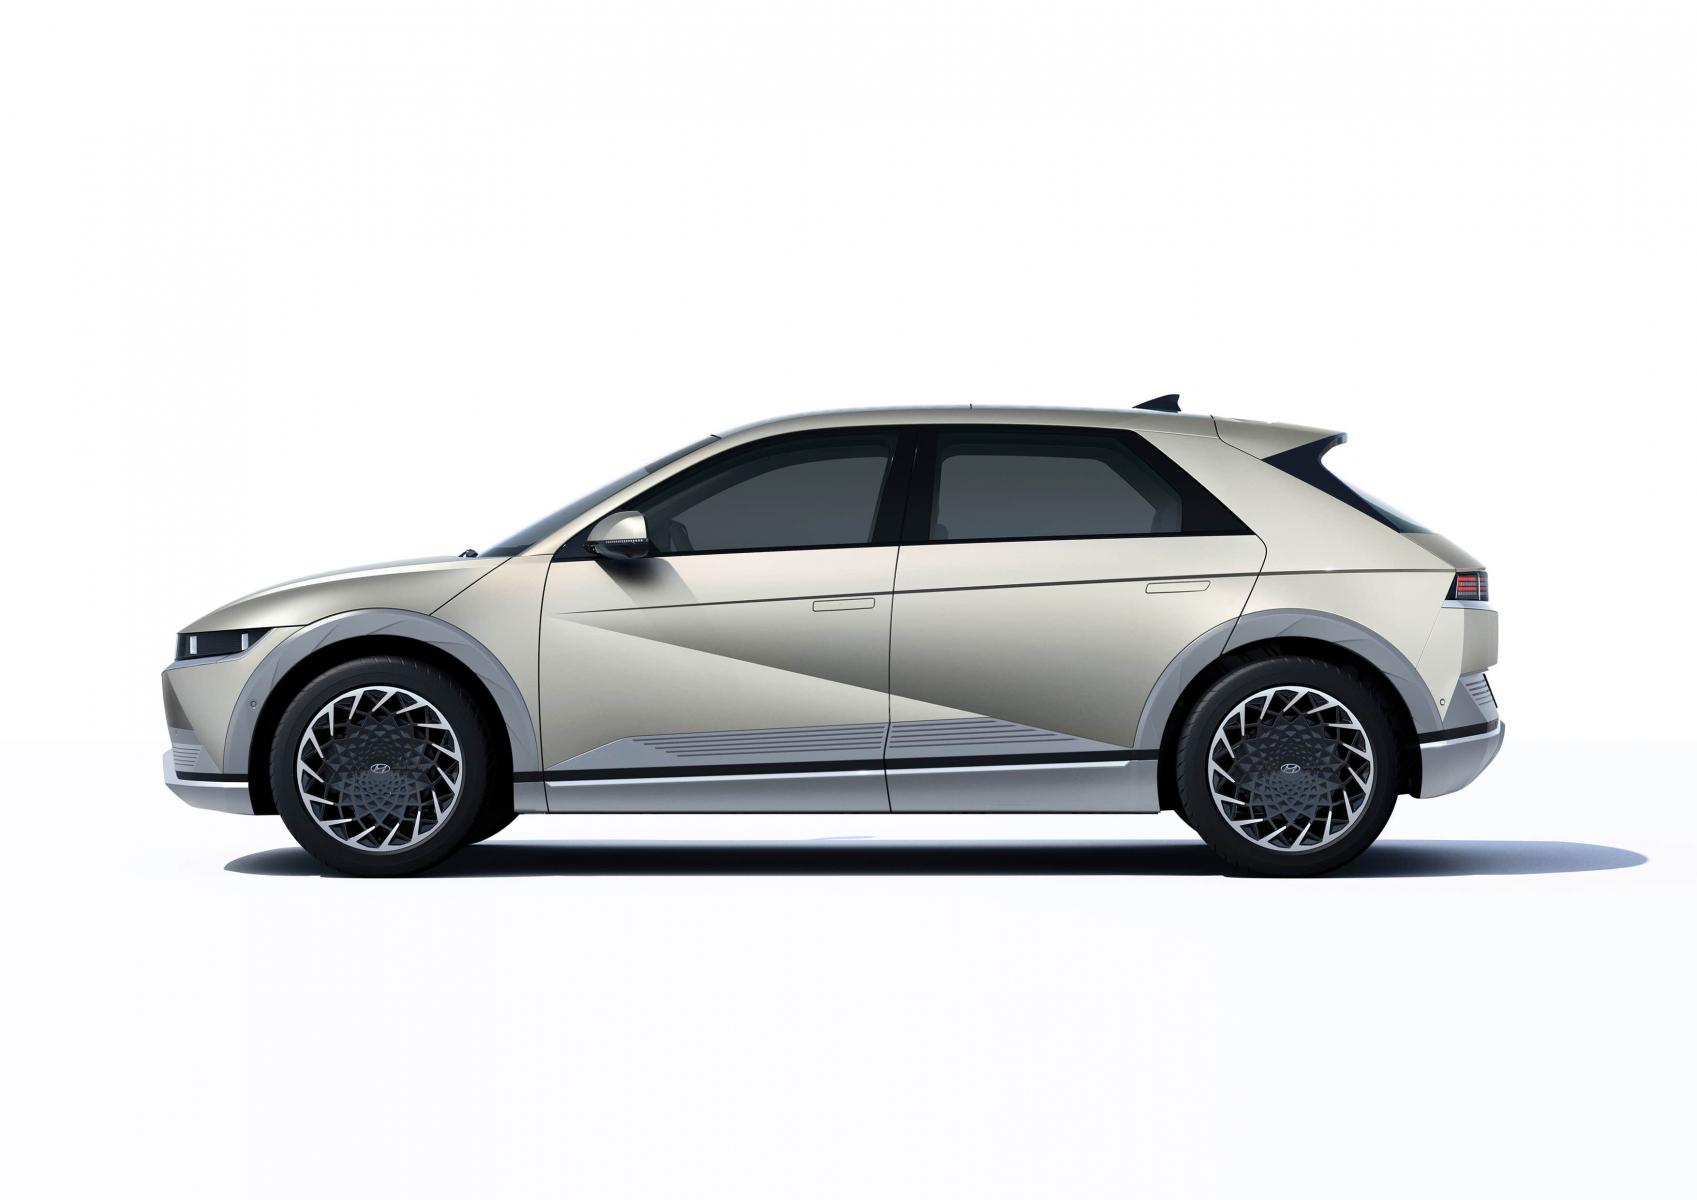 Hyundai IONIQ 5 переосмислює спосіб життя з електричною мобільністю | ТОВ «АлексСхід» - фото 12